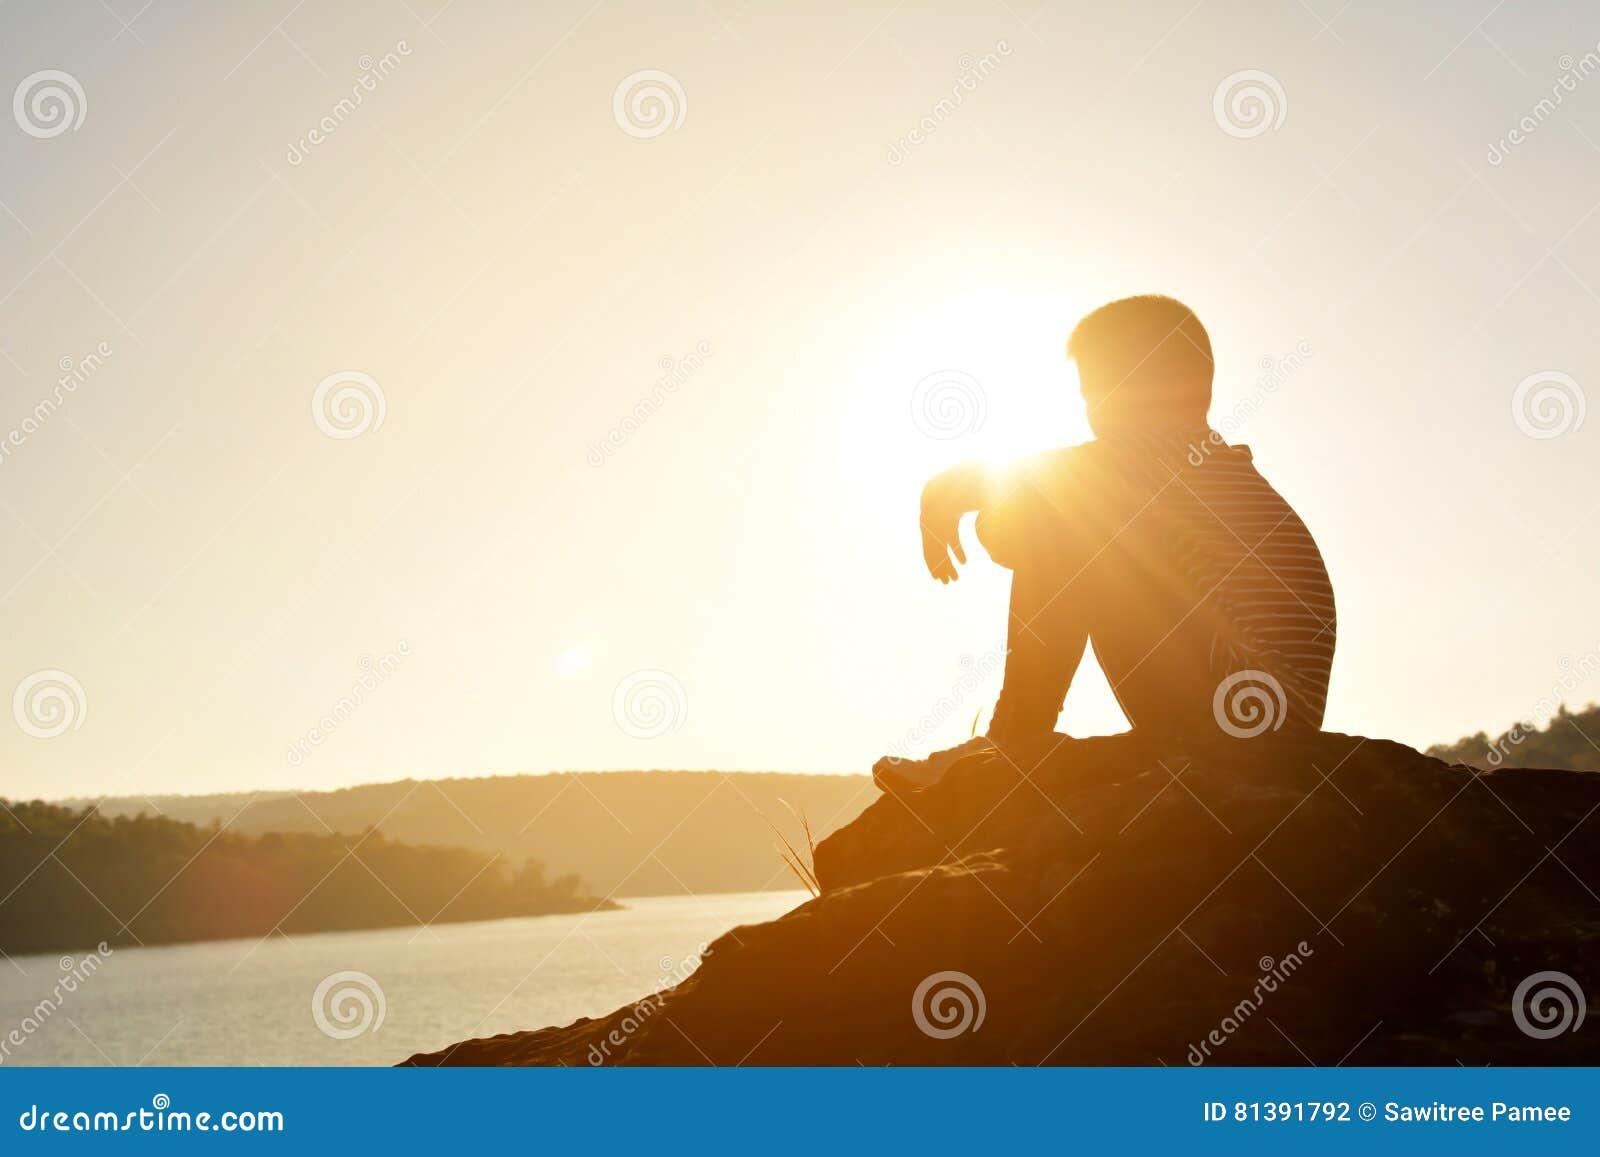 Silhouet van droevige jongen en zitting op de rots in rivier